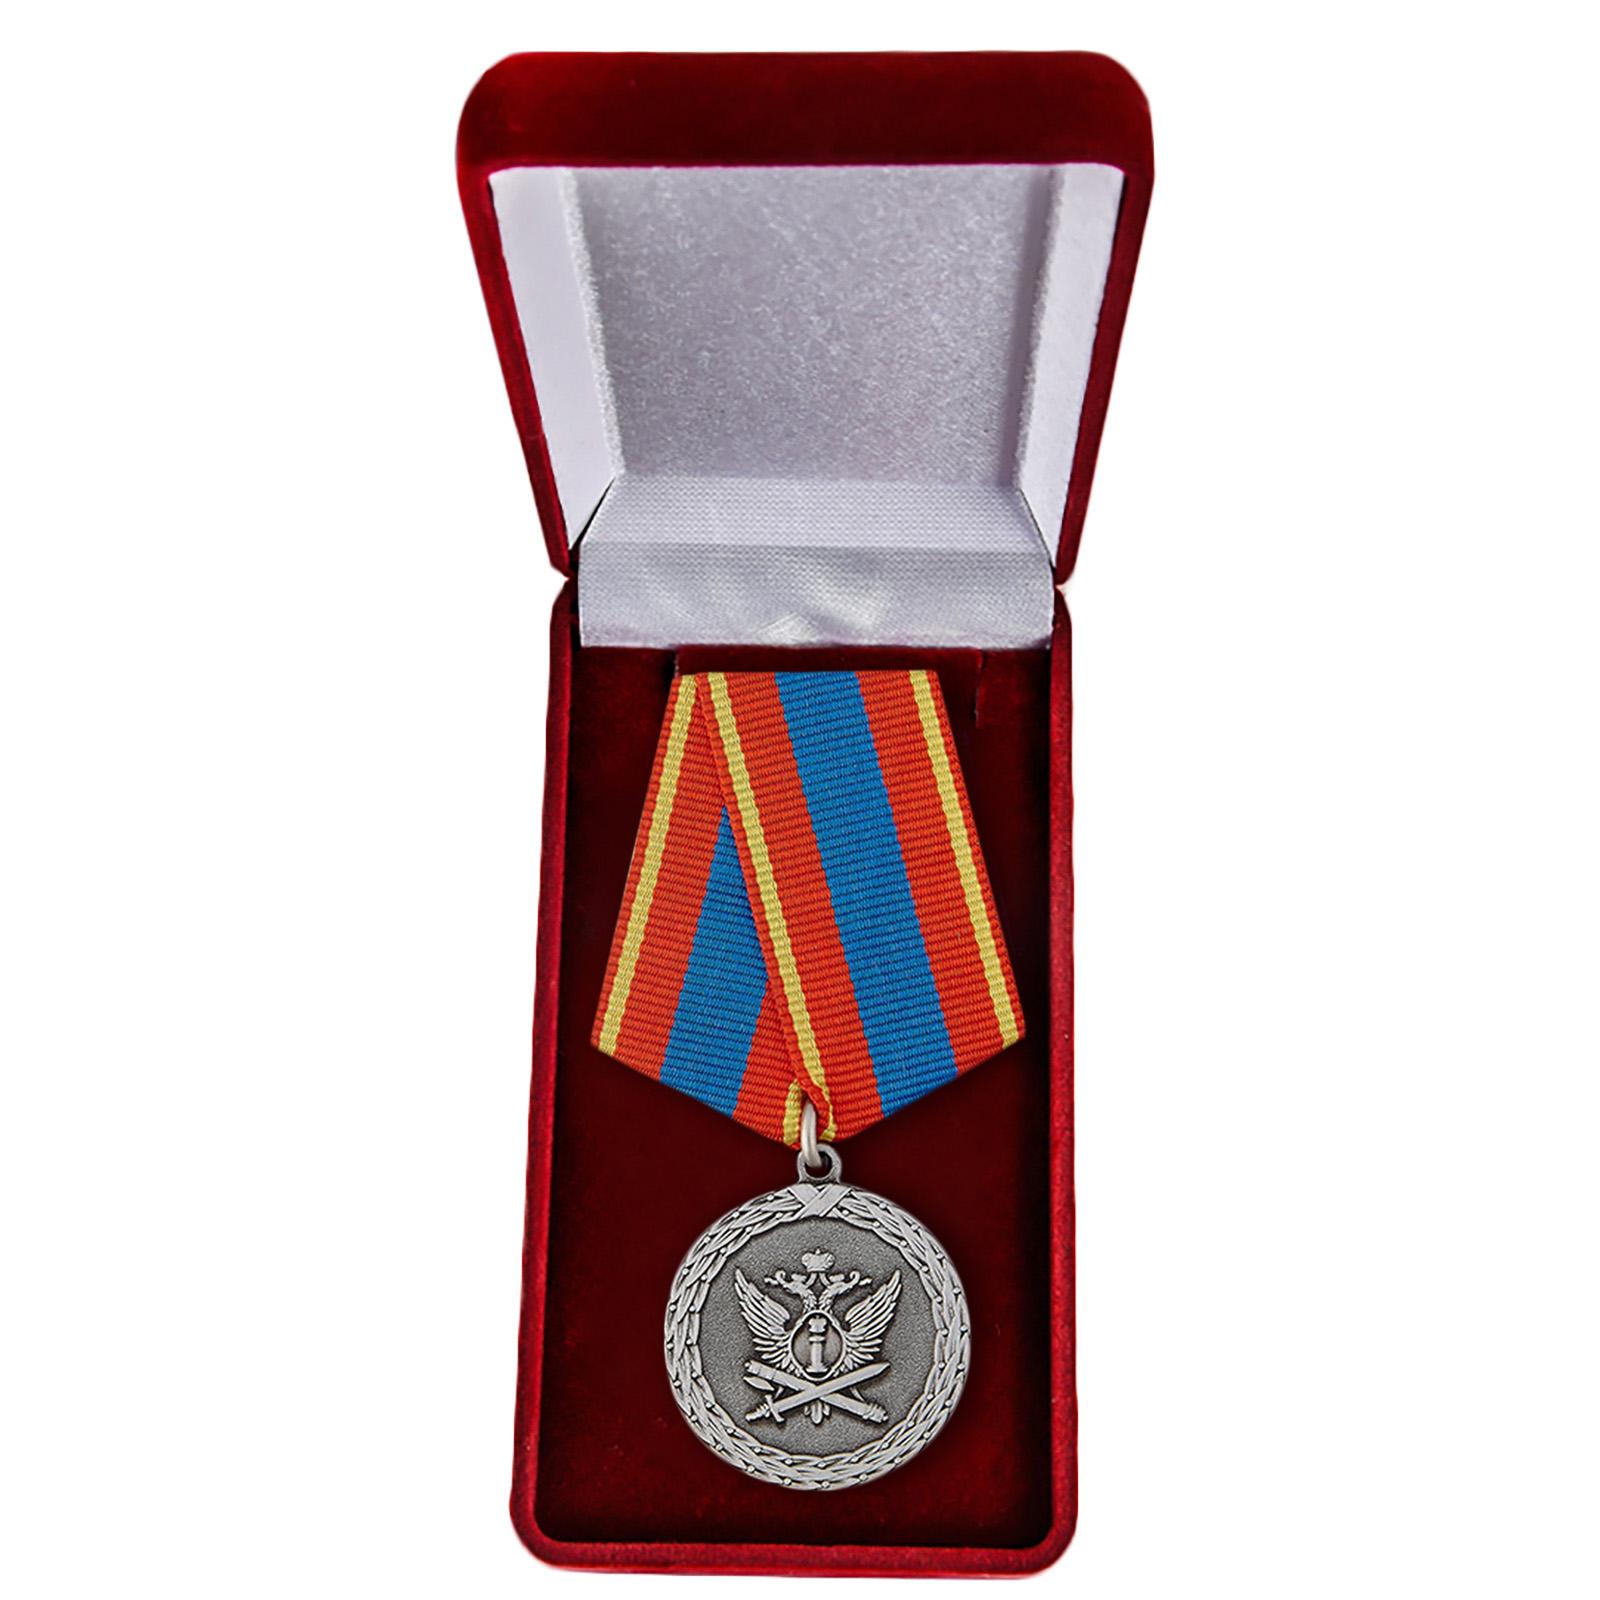 Медаль Министерства Юстиции Ветеран уголовно-исполнительной системы - в футляре